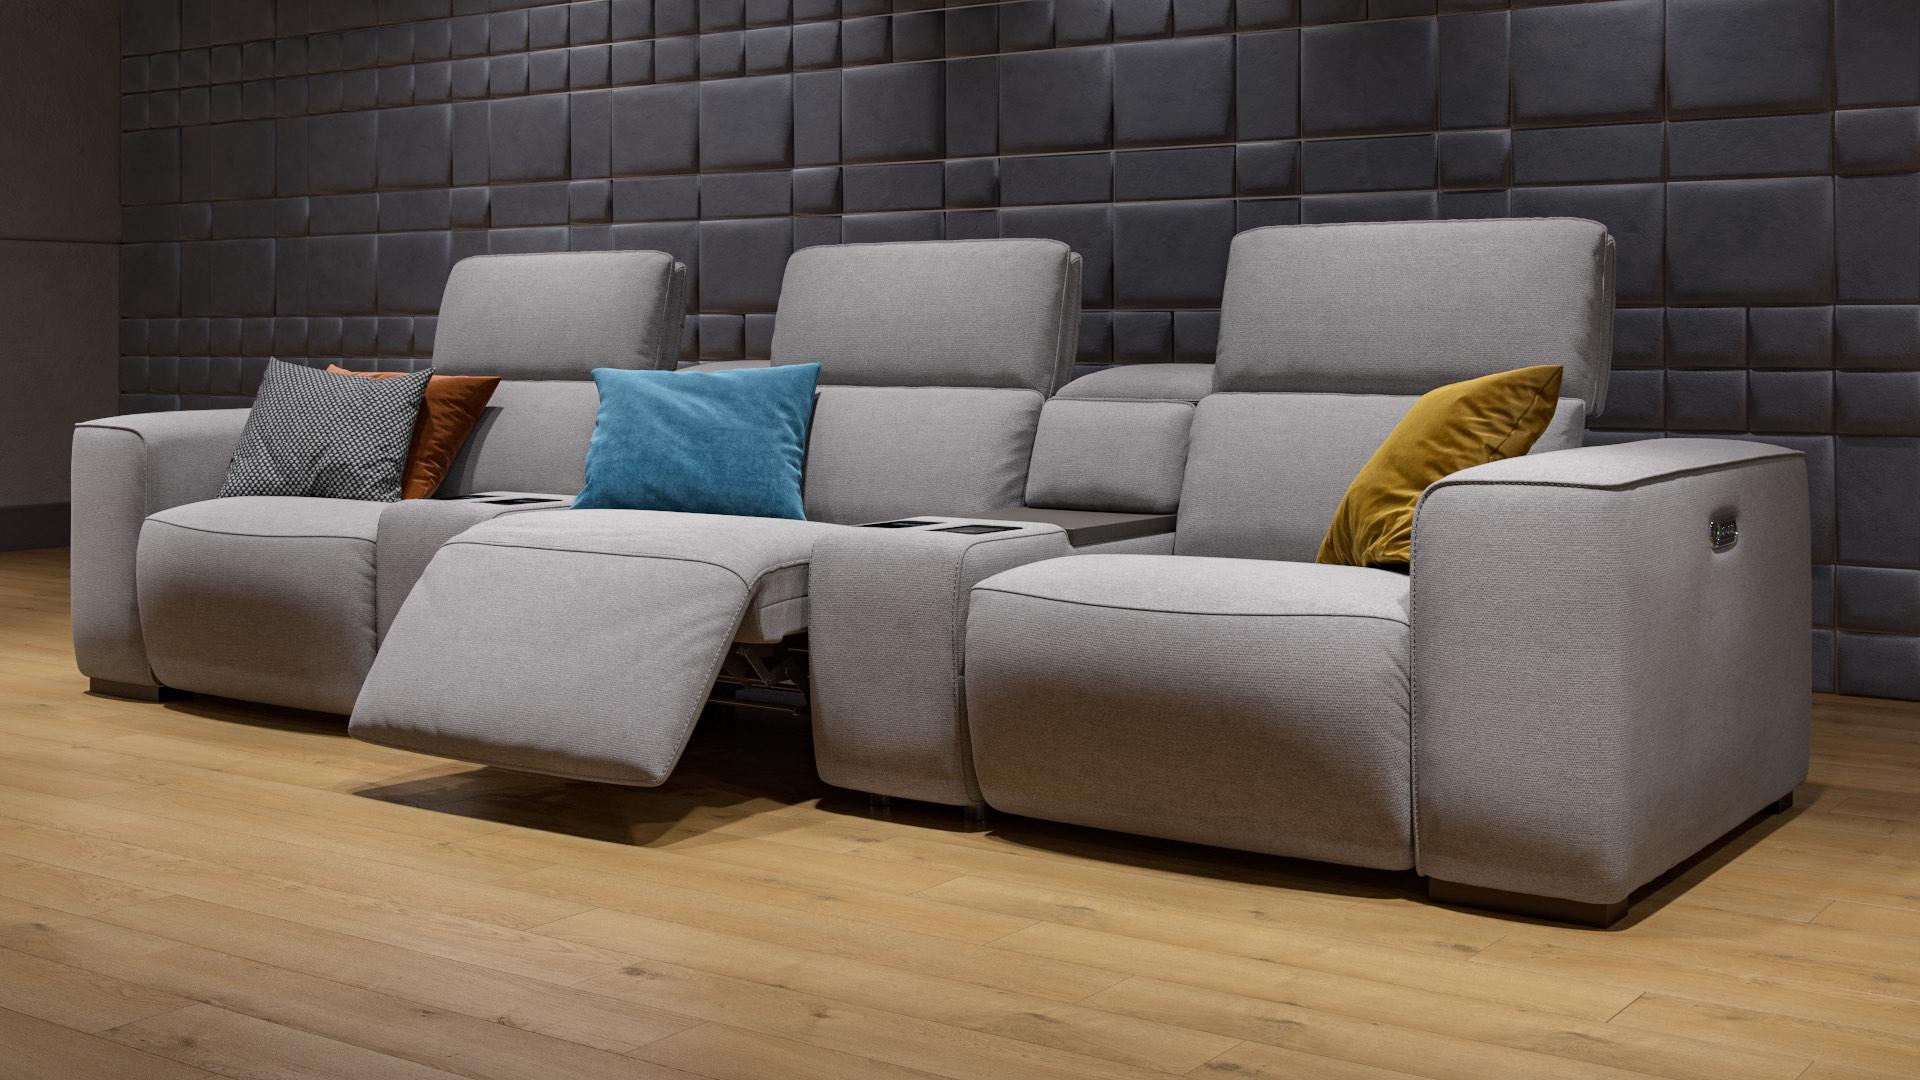 Stoff 3-Sitzer Kinosofa mit zwei Mittelkonsolen BINETTO